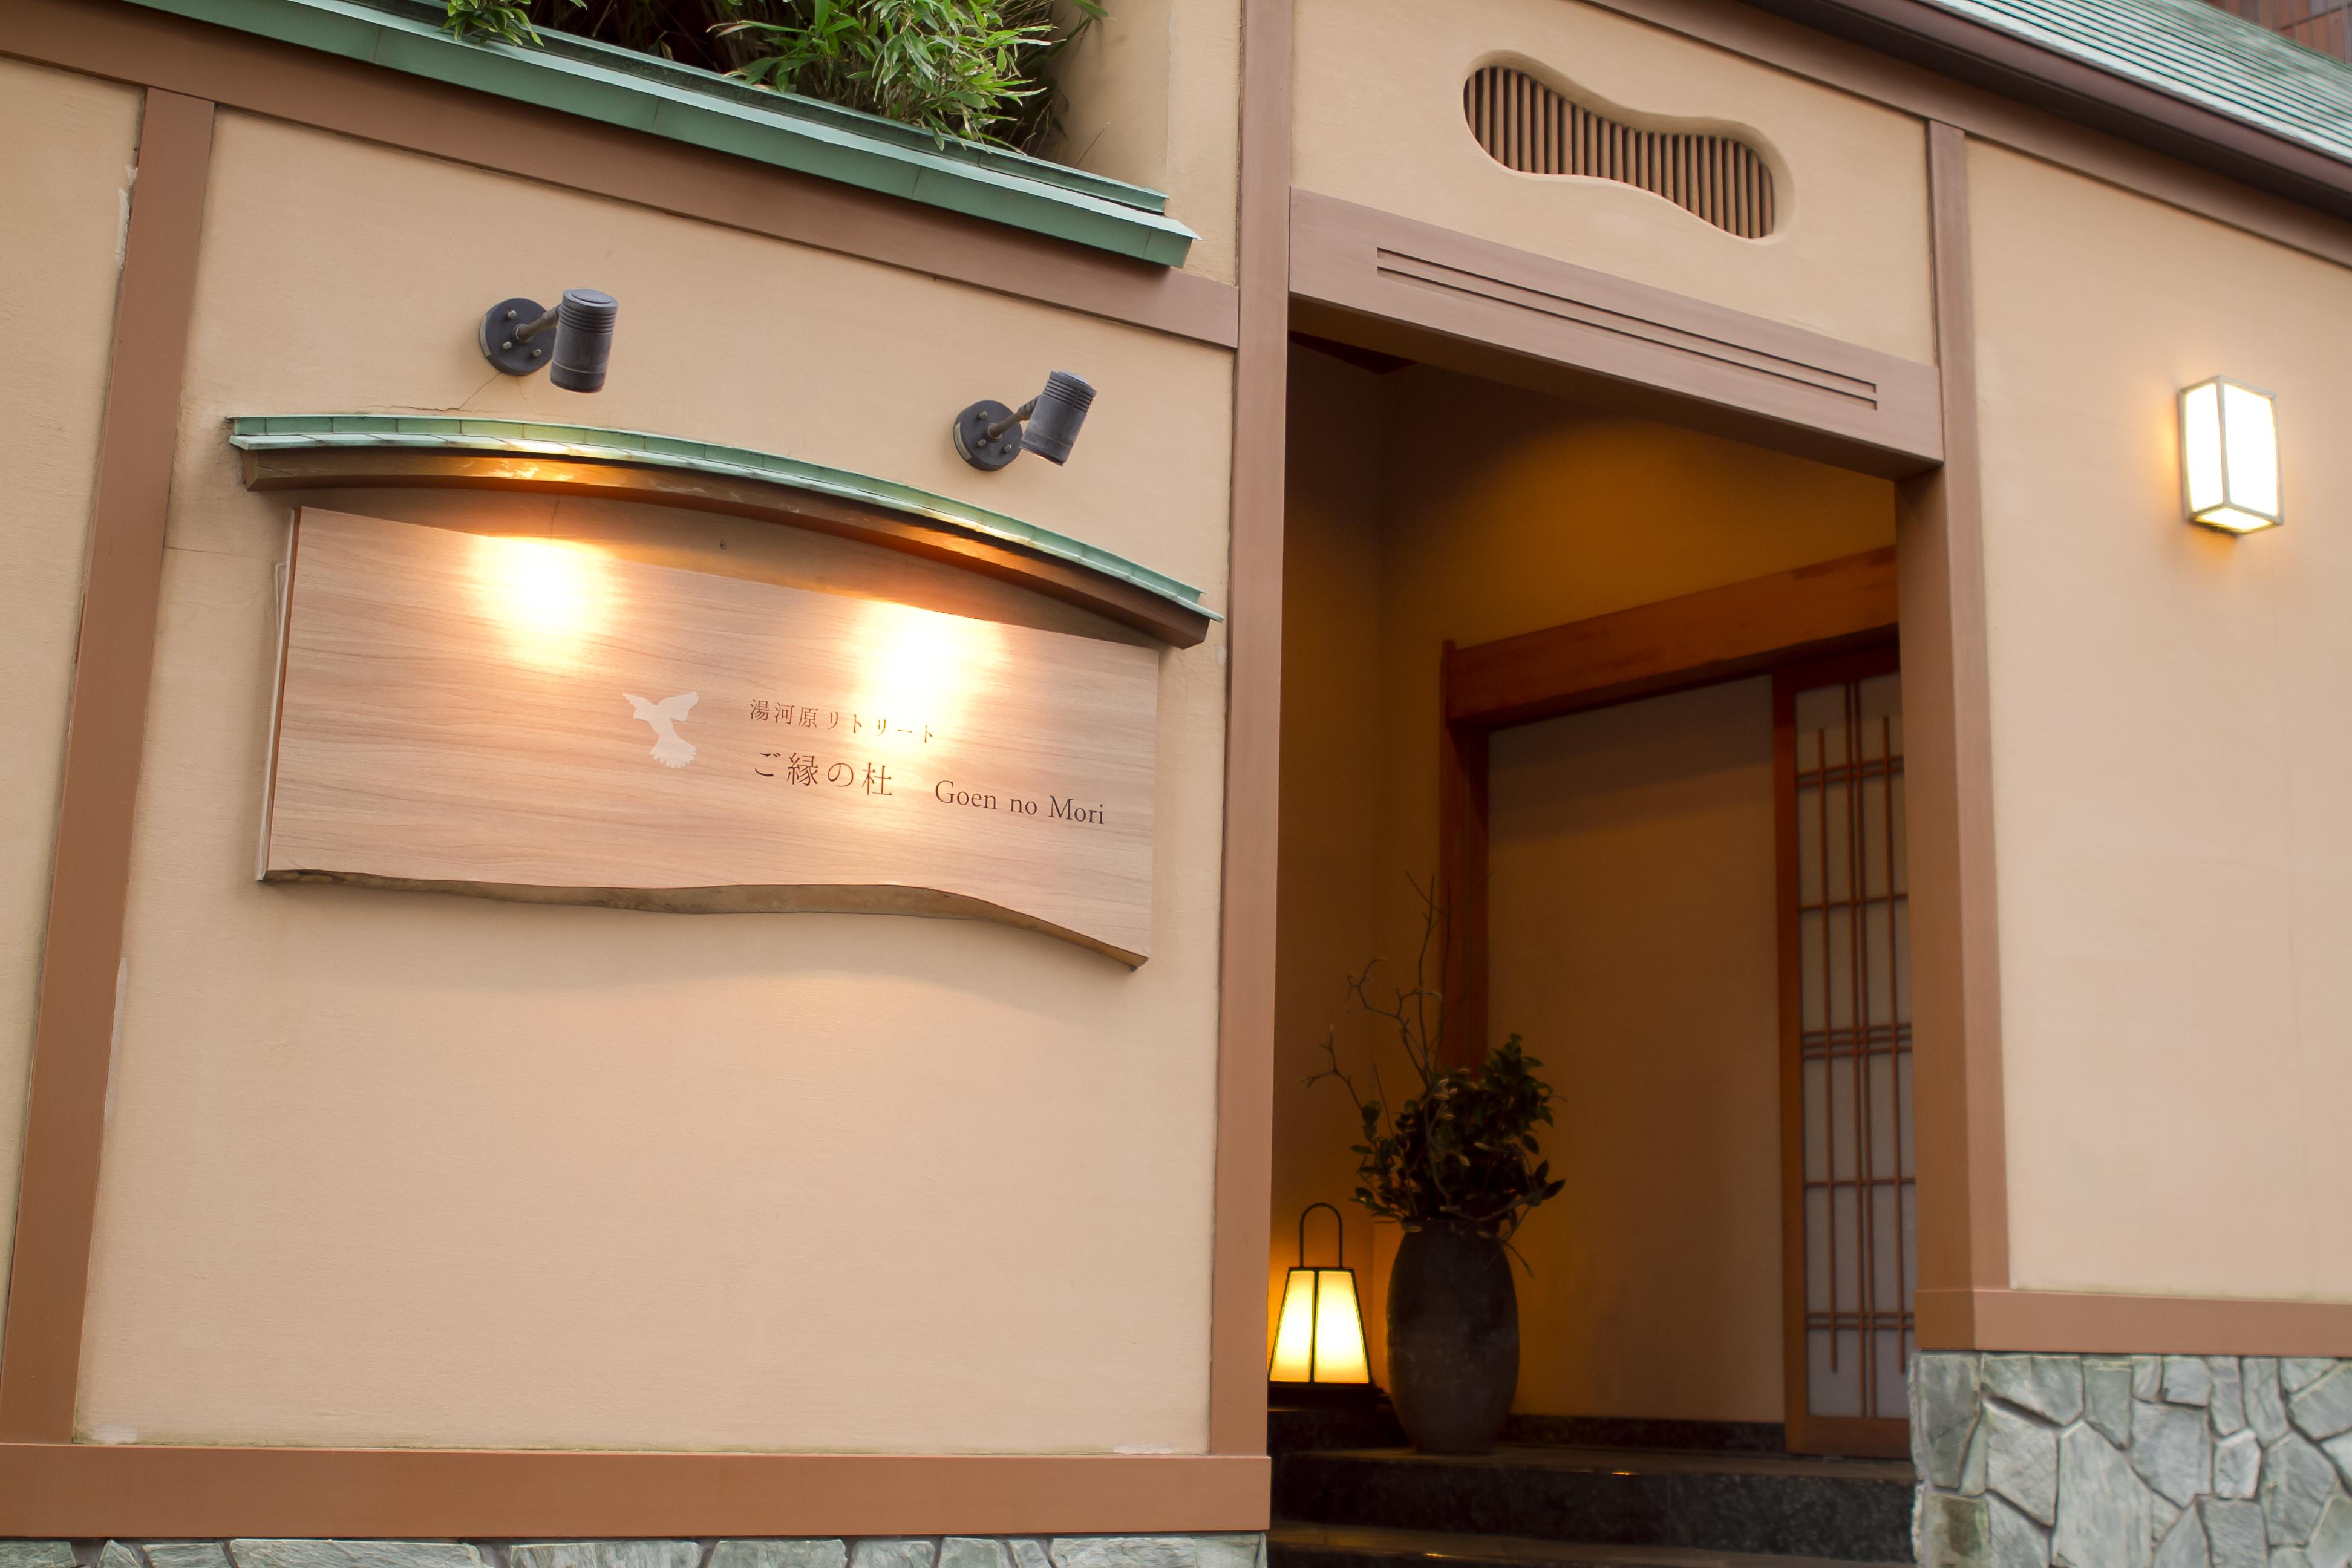 湯河原リトリートご縁の杜—Goen no Mori—